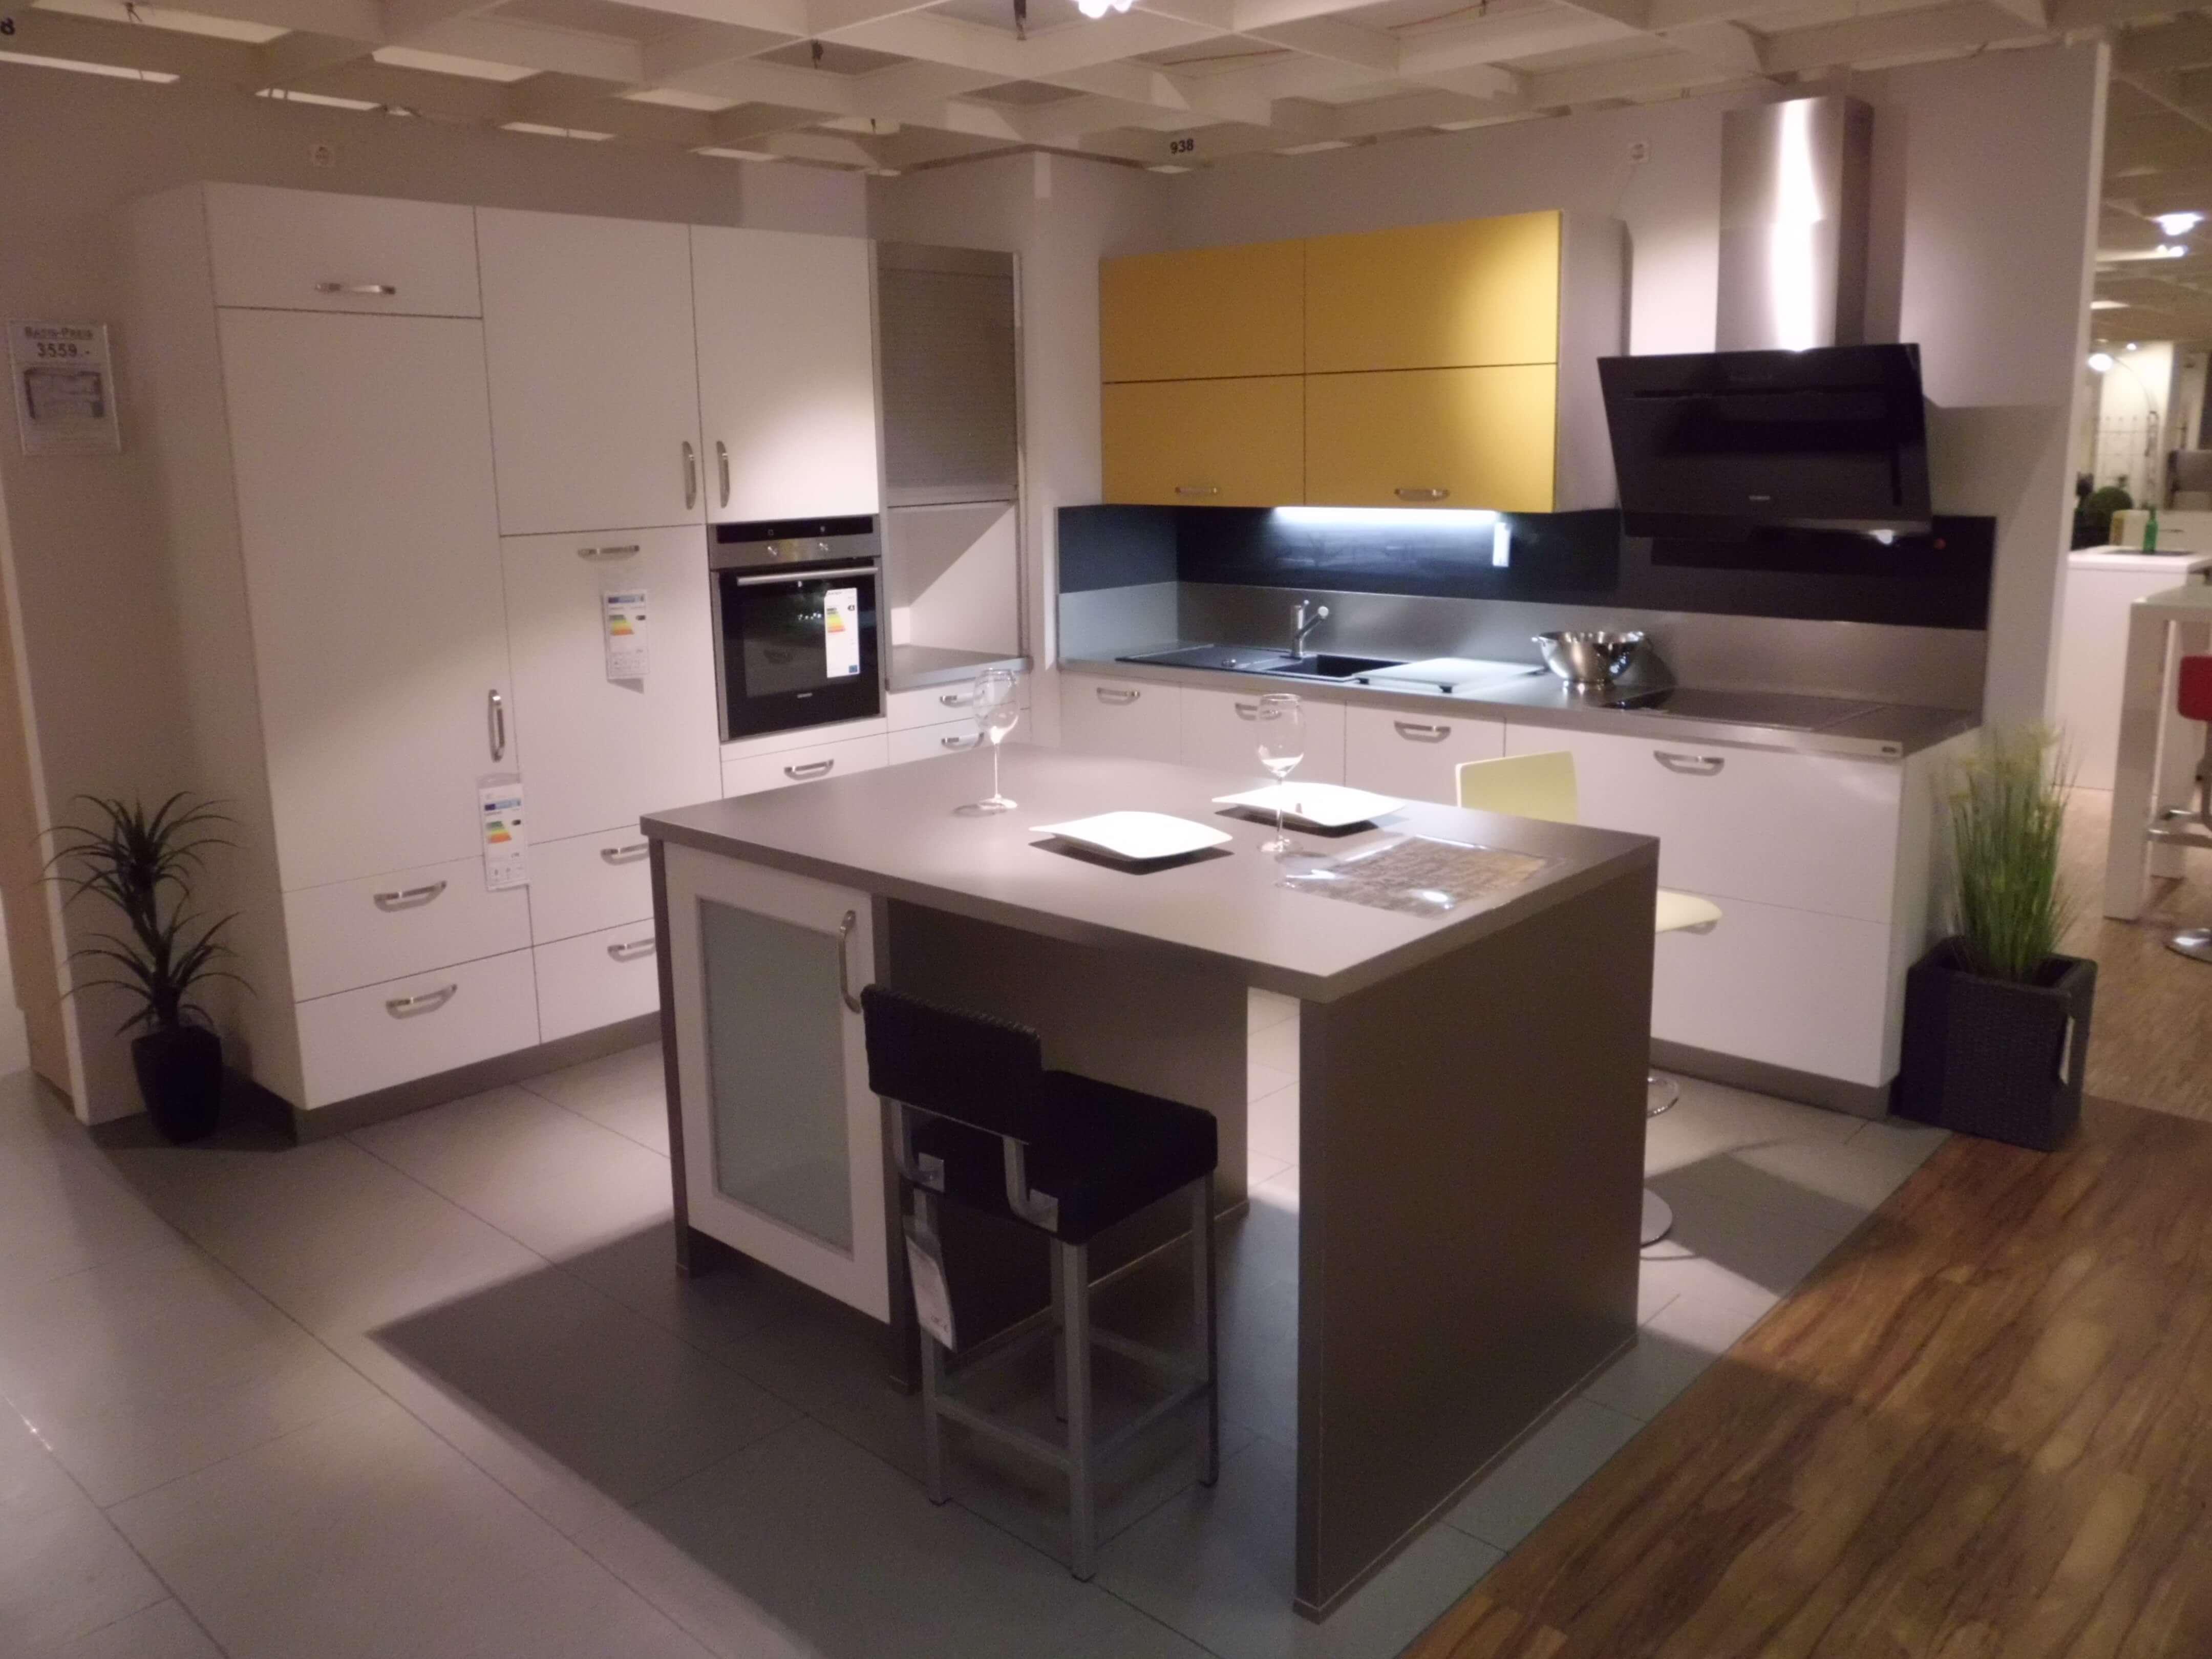 küchen stark reduziert im abverkauf bei möbel frauendorfer - Abverkauf Küche